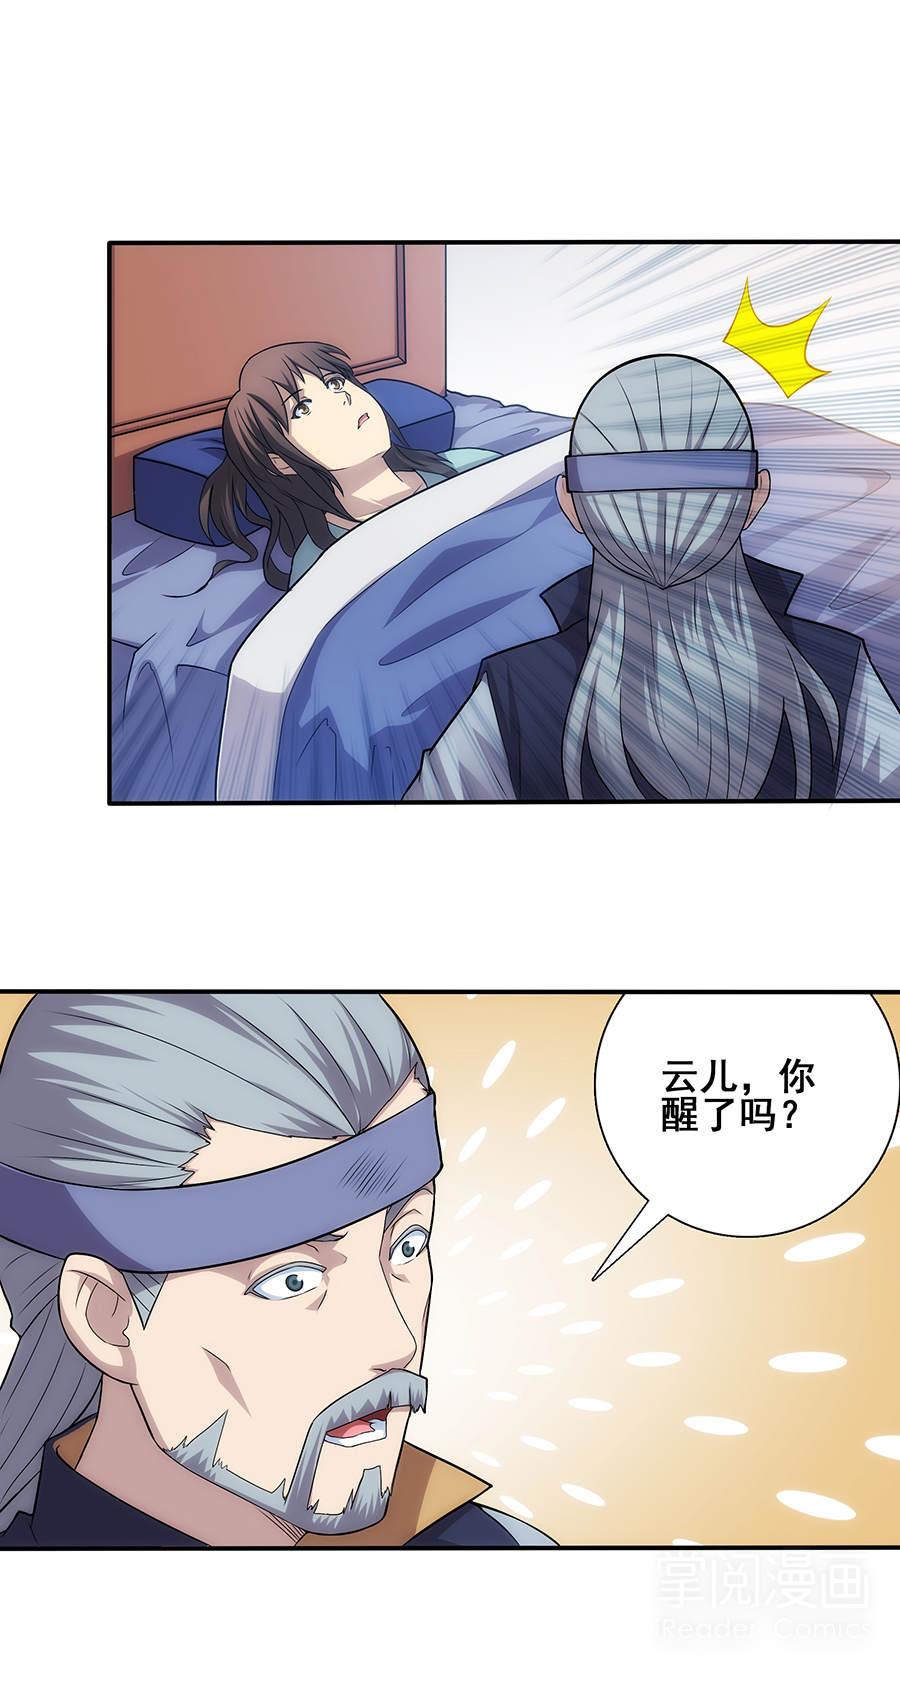 绝世剑神第1话  剑神重生 第 11